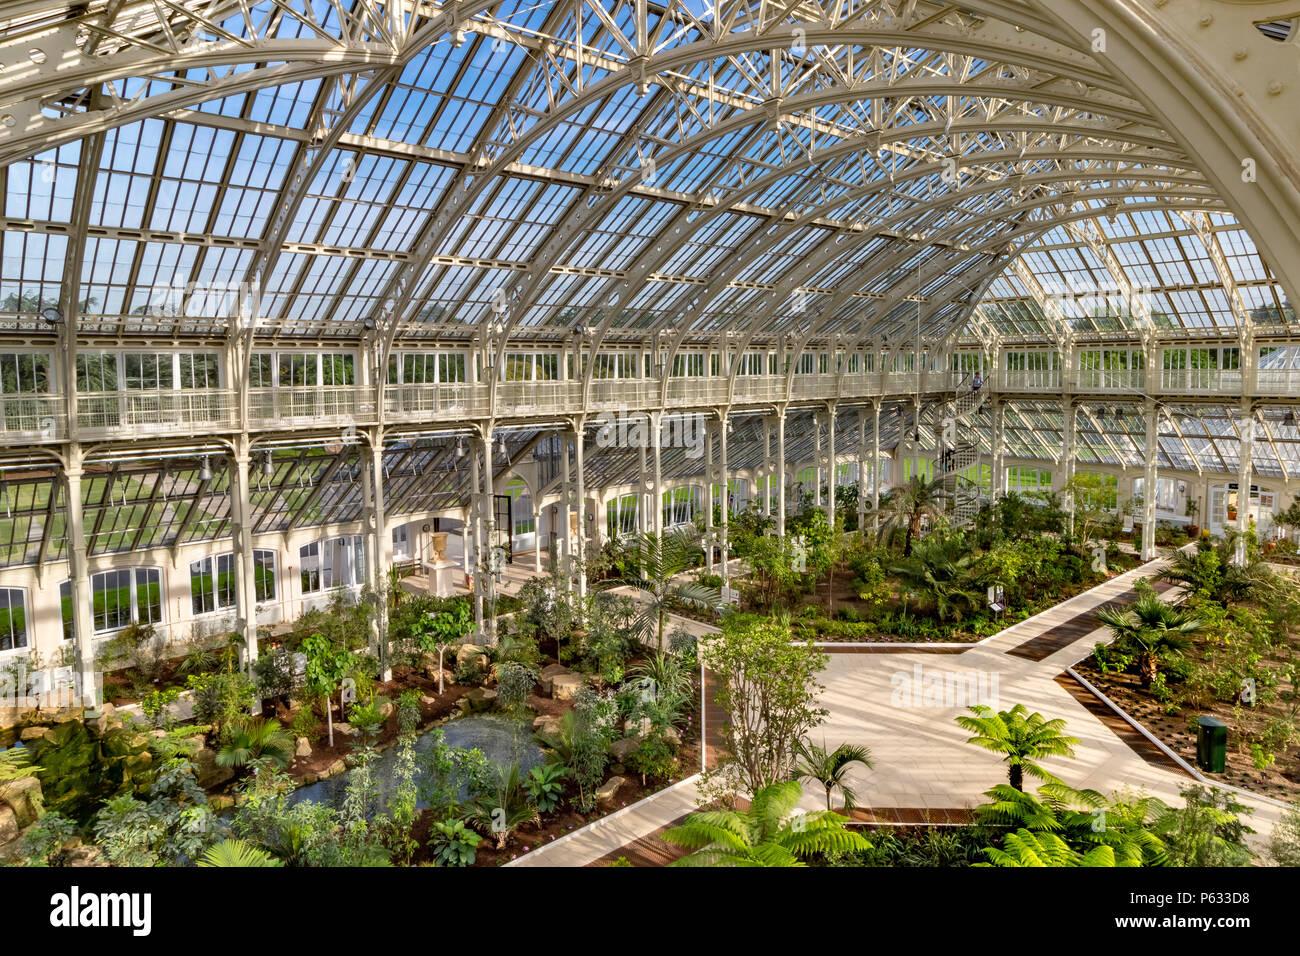 Après une restauration de 5 ans, l'Europe, récemment restauré, chambre au Royal Botanic Gardens de Kew à Londres a rouvert aux visiteurs . Banque D'Images